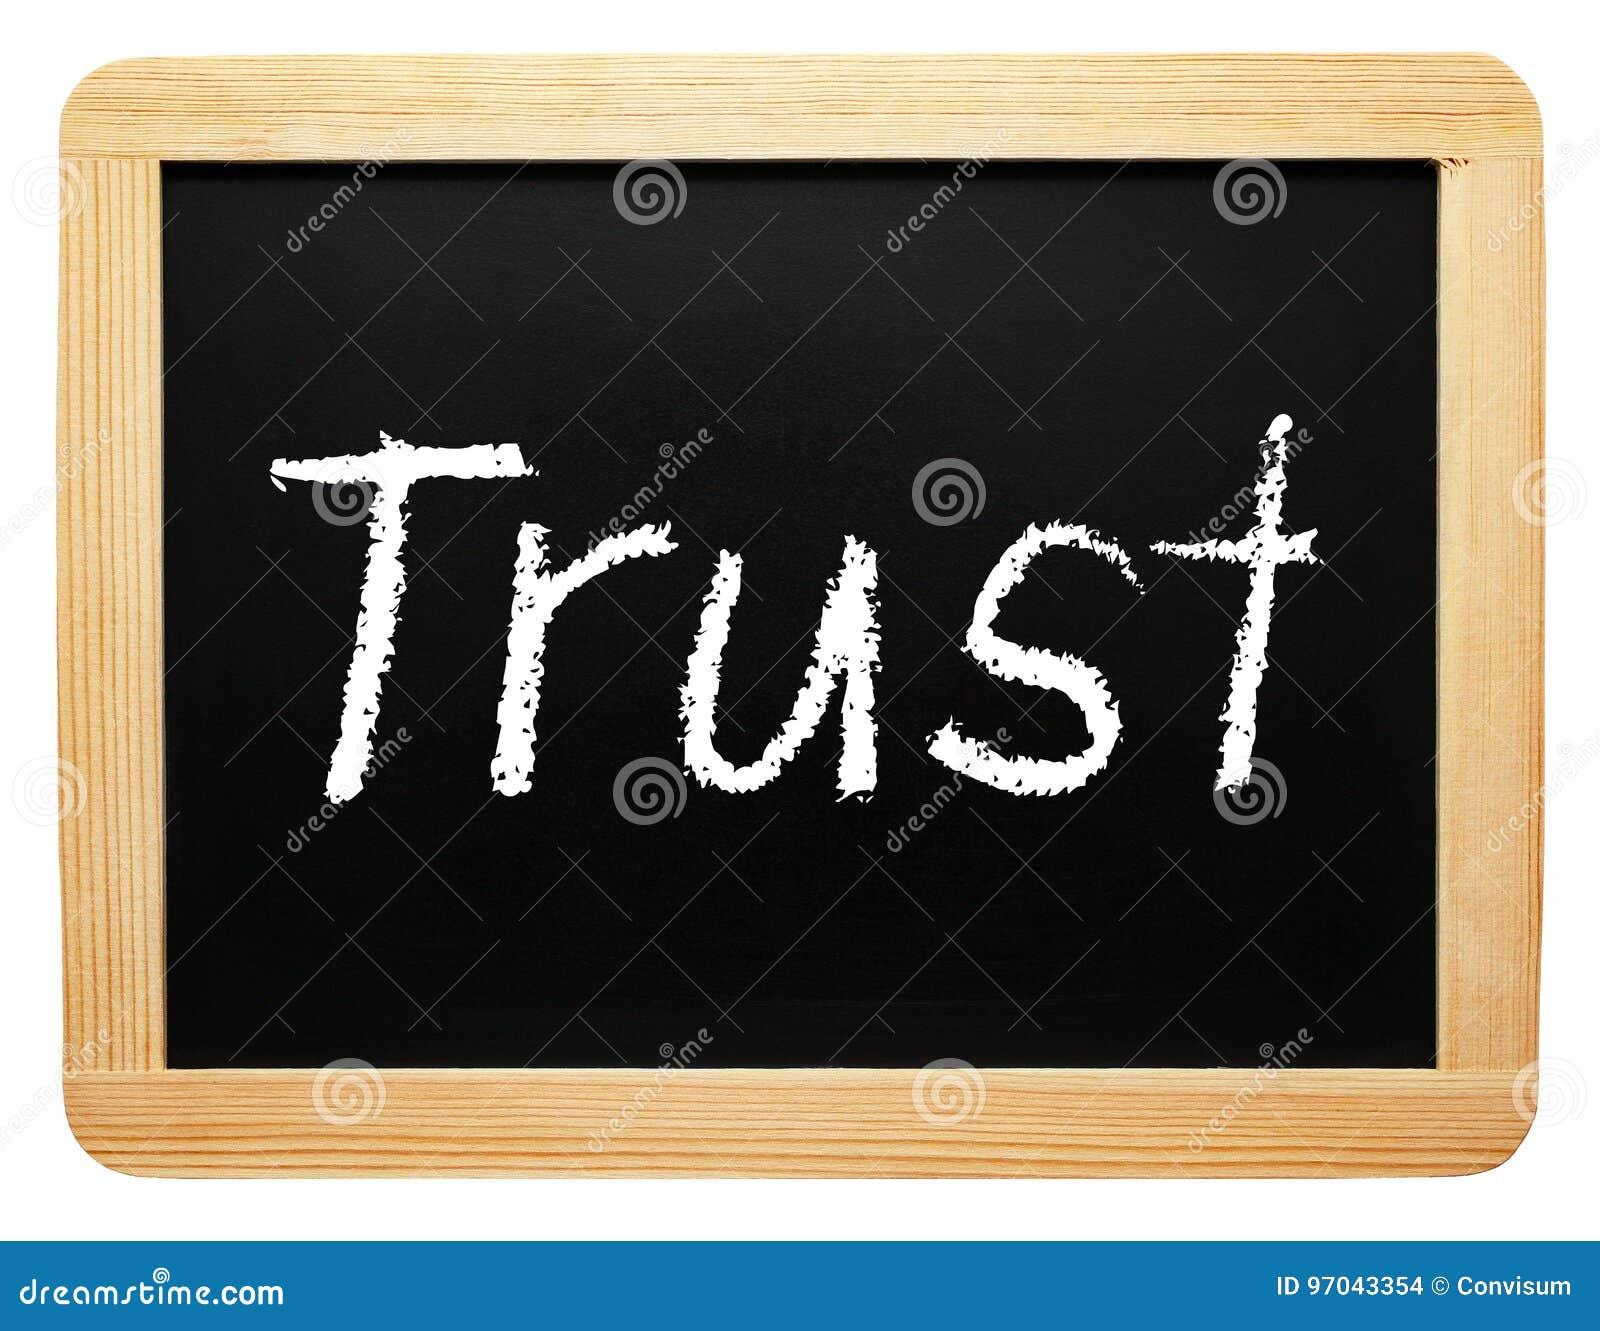 Доверие - деревянная доска с текстом